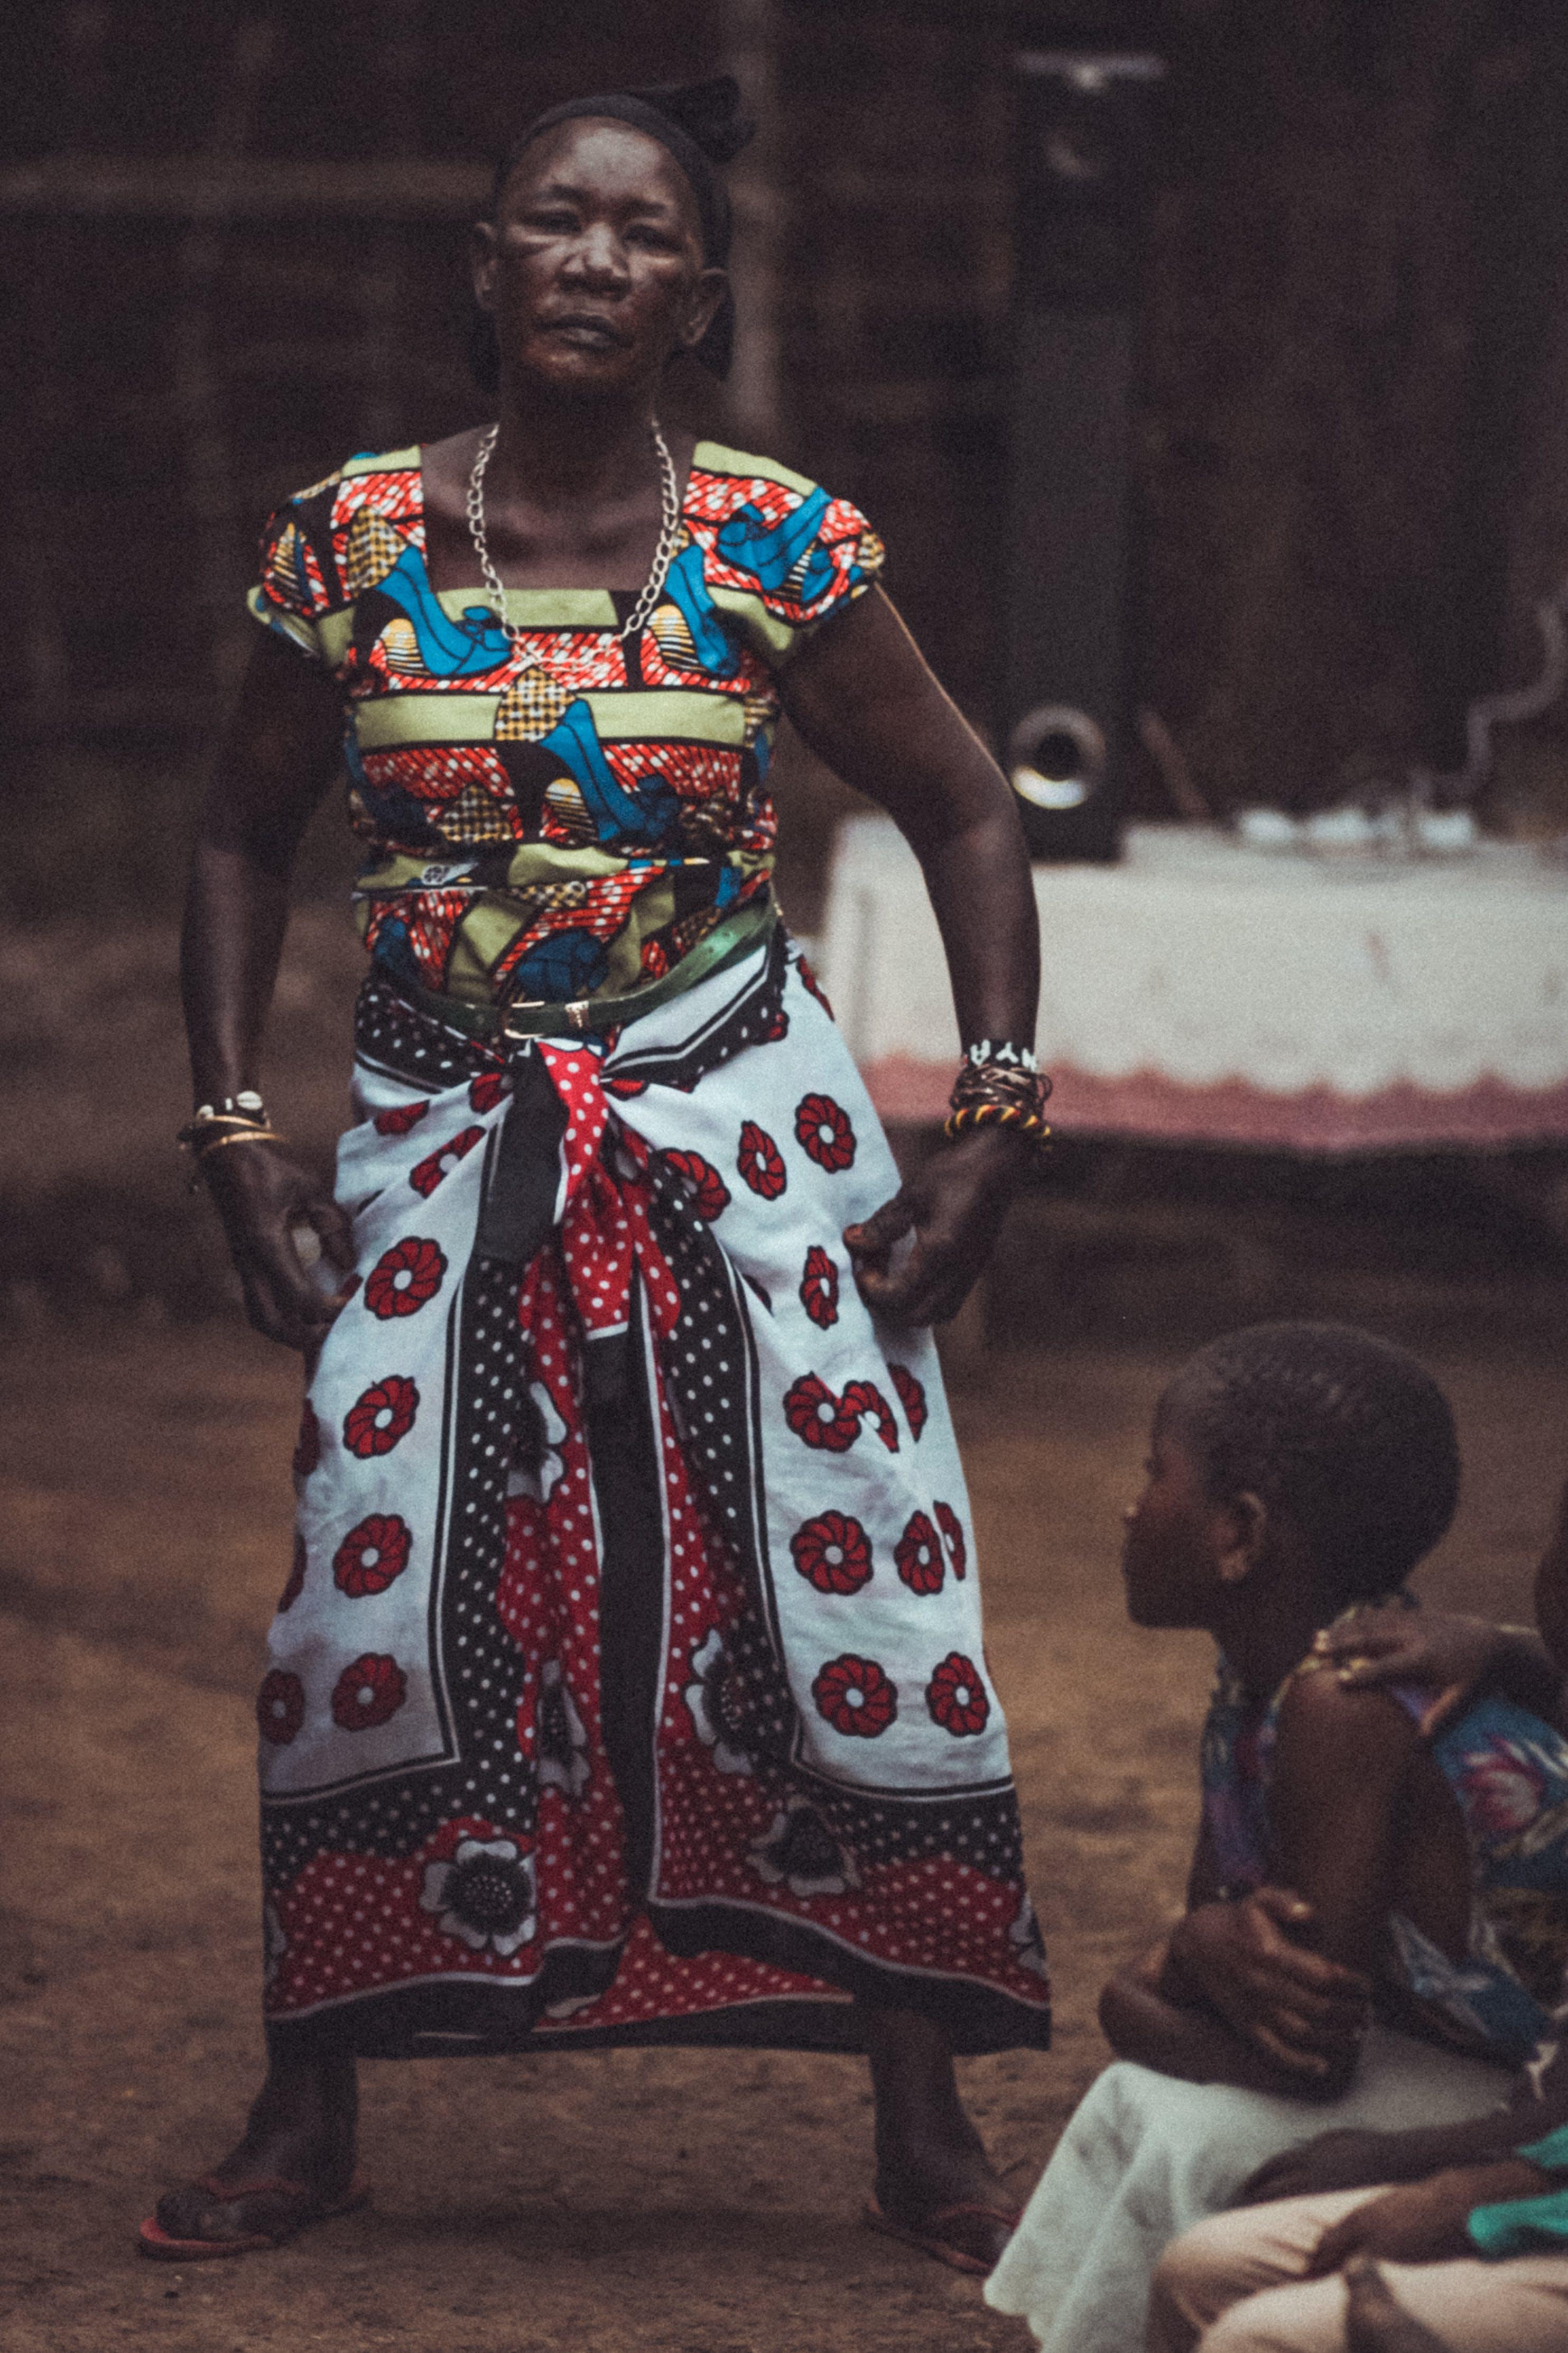 Δωρεάν στοκ φωτογραφιών με Αφρικανή, γιαγιά, παραδοσιακός, Φεστιβάλ